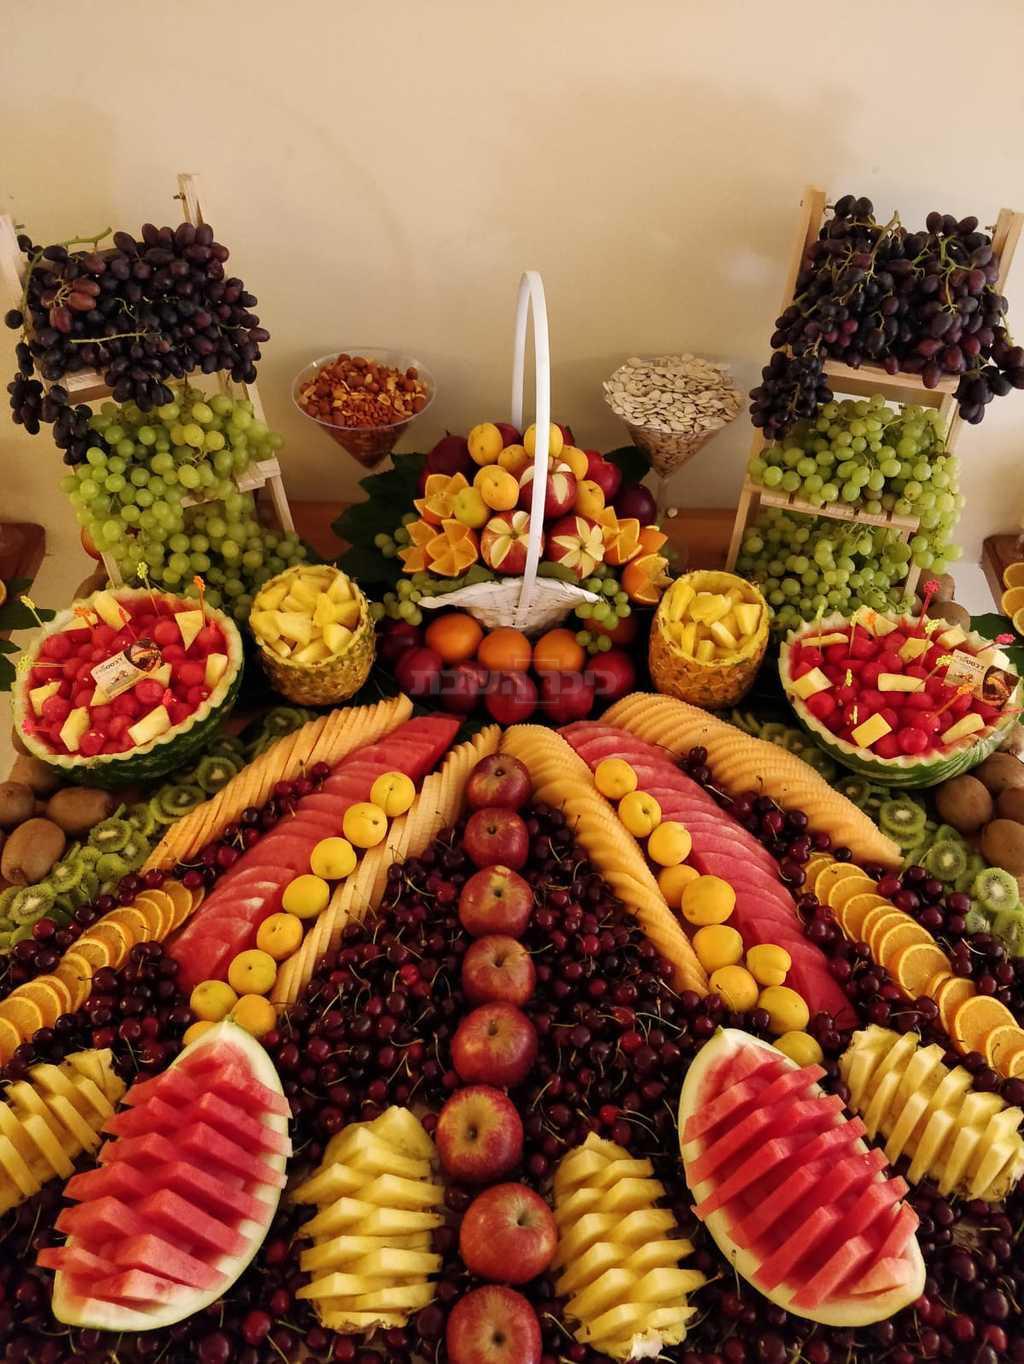 בר פירות פוטוגני בחתונה